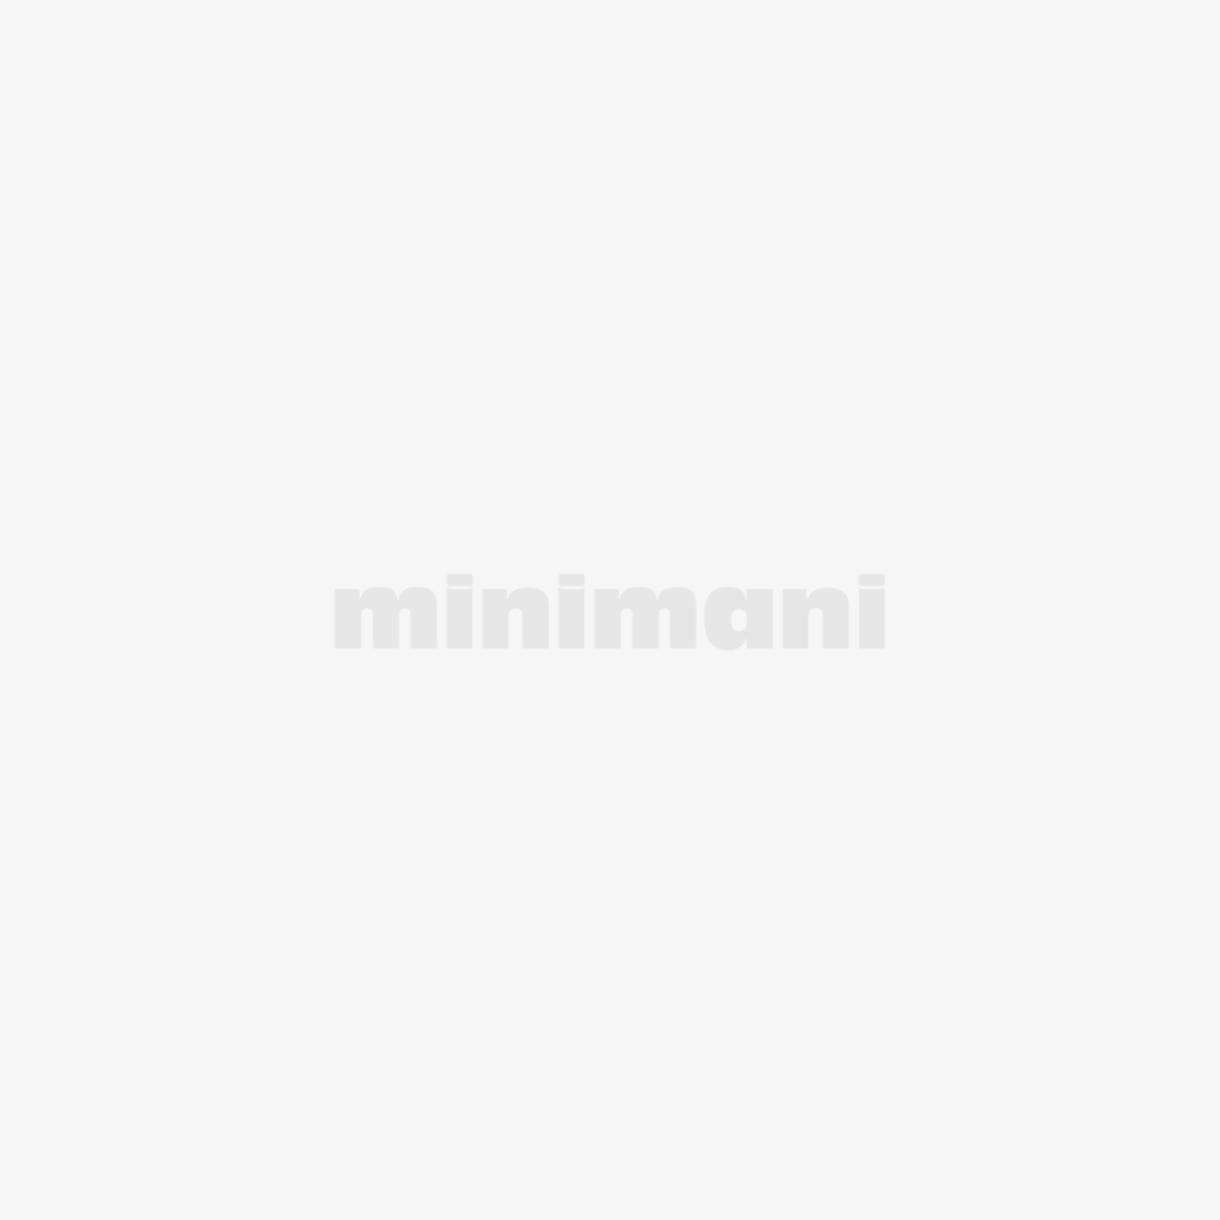 PATTEX PL300 LIIMATIIVISTEMASSA VALKOINEN 300 ML 300 ML